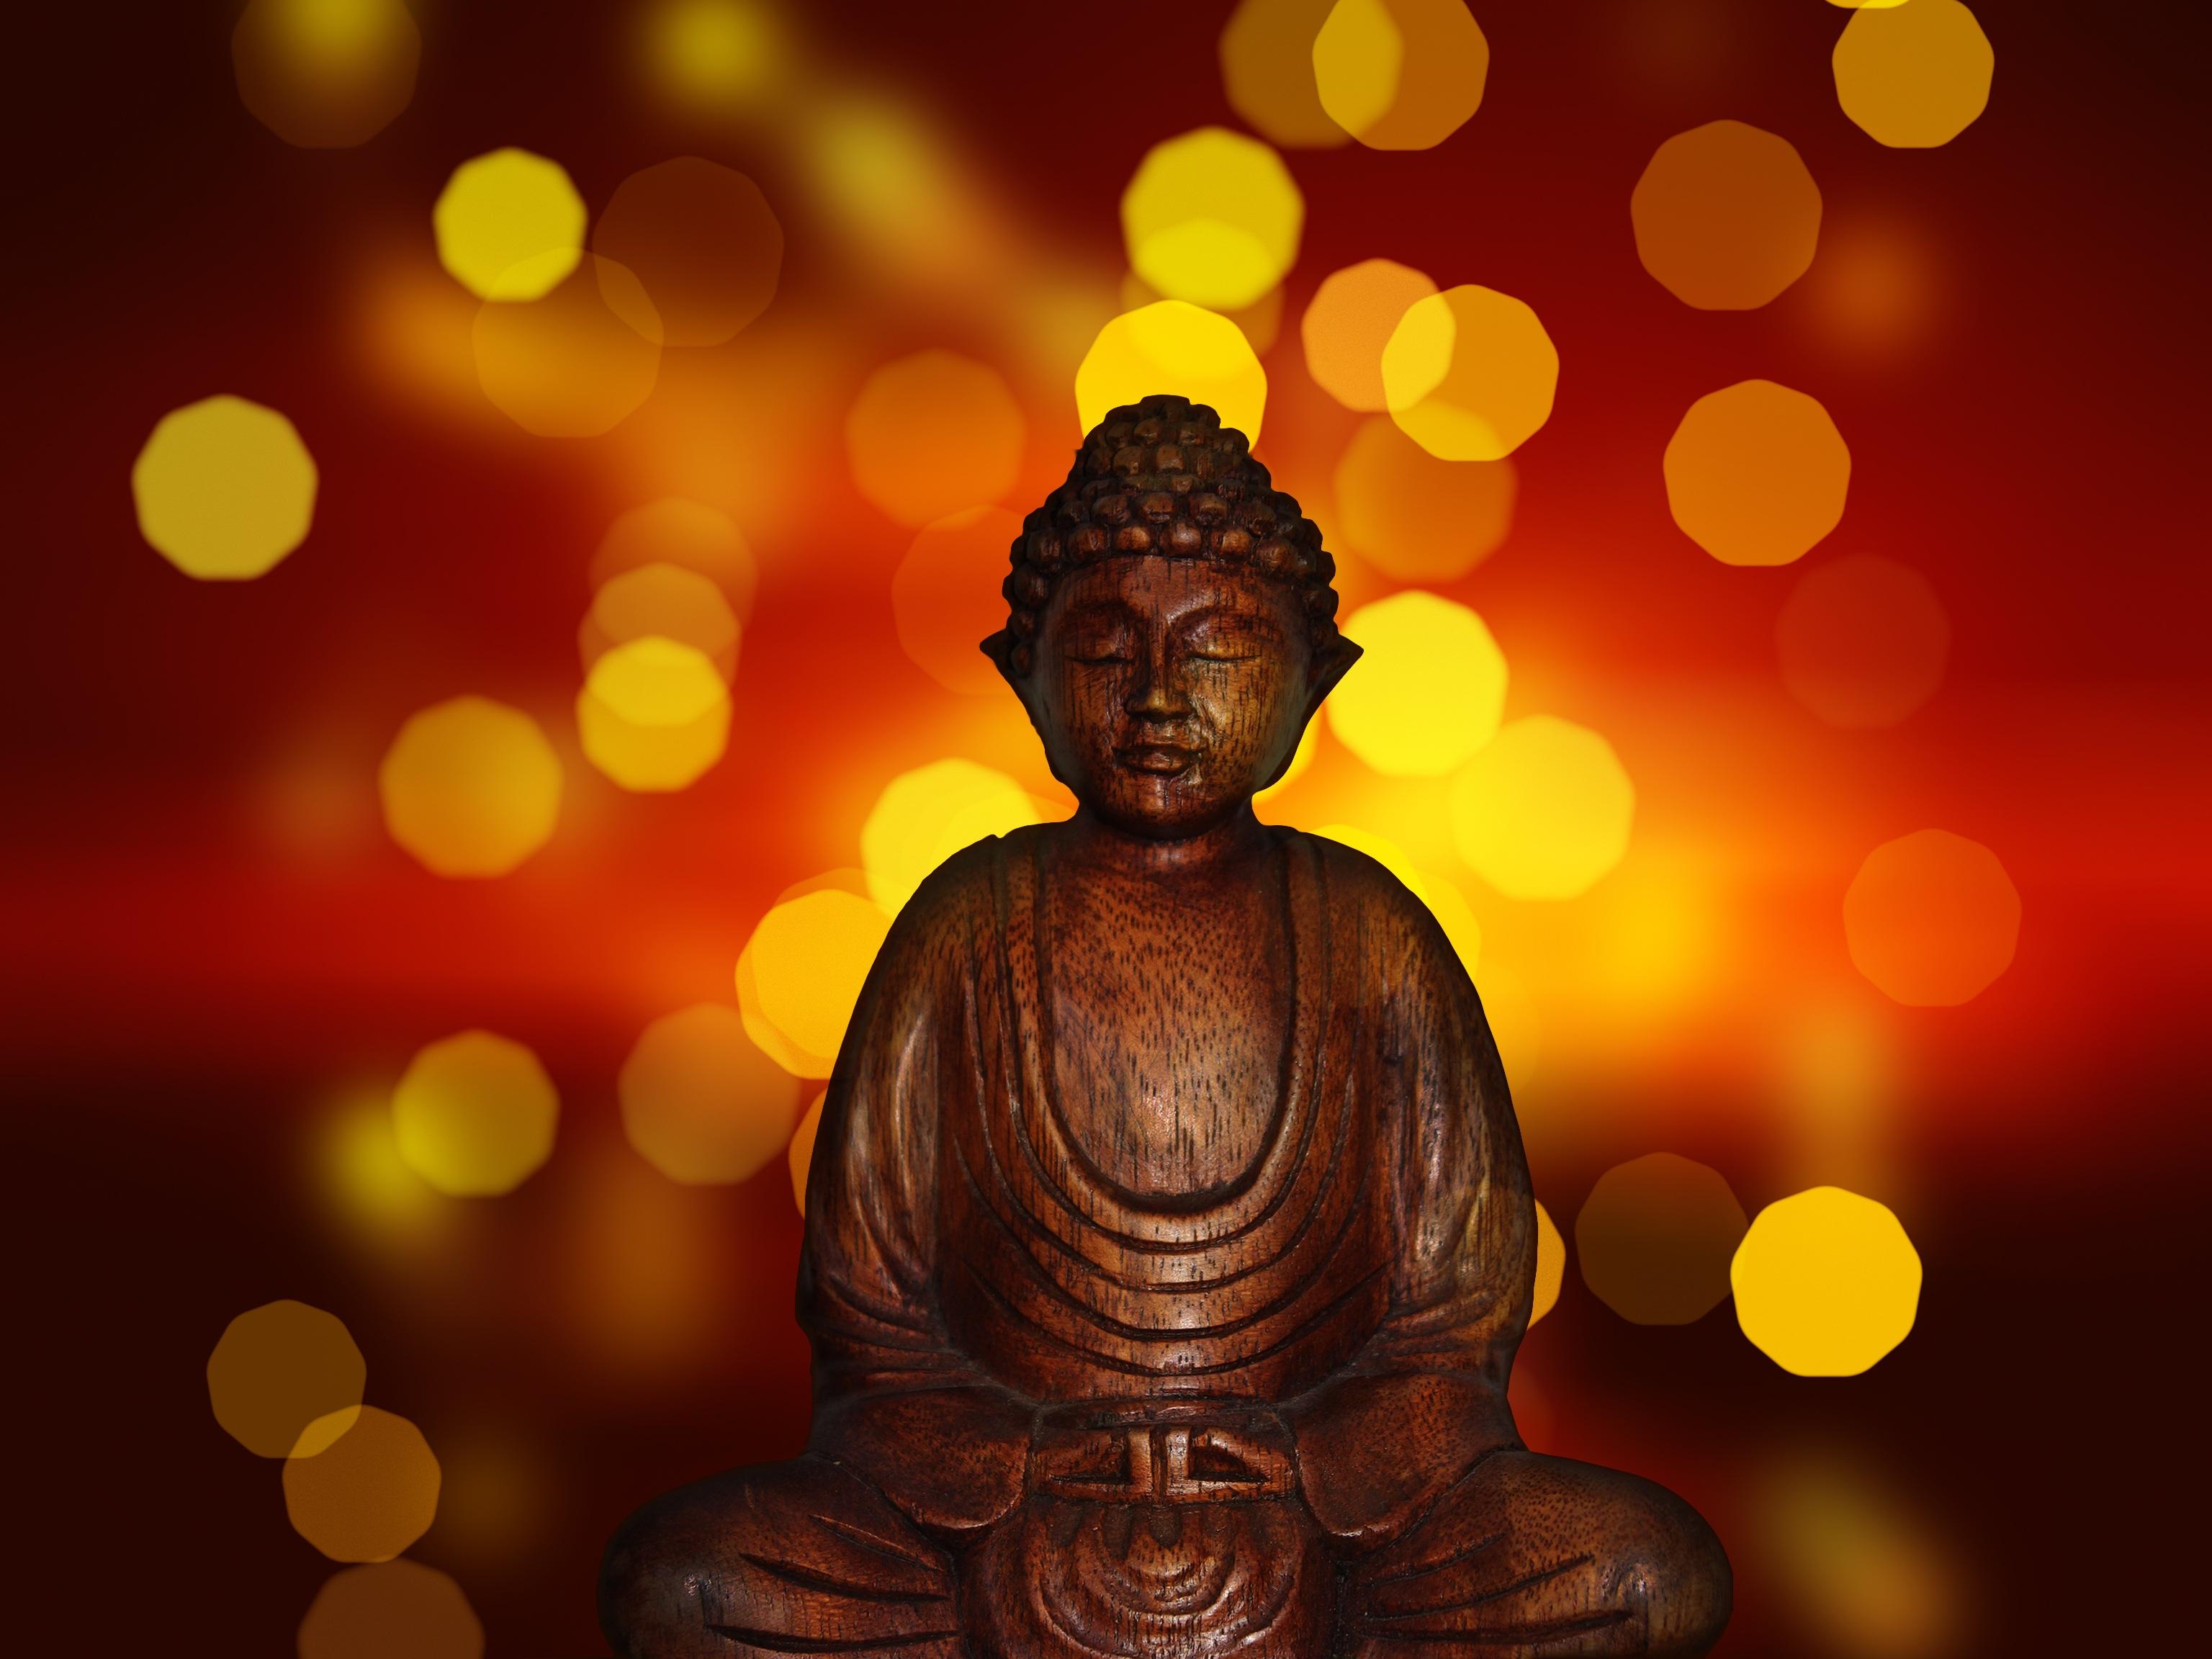 106319 скачать обои Разное, Будда, Буддизм, Статуя, Блики - заставки и картинки бесплатно